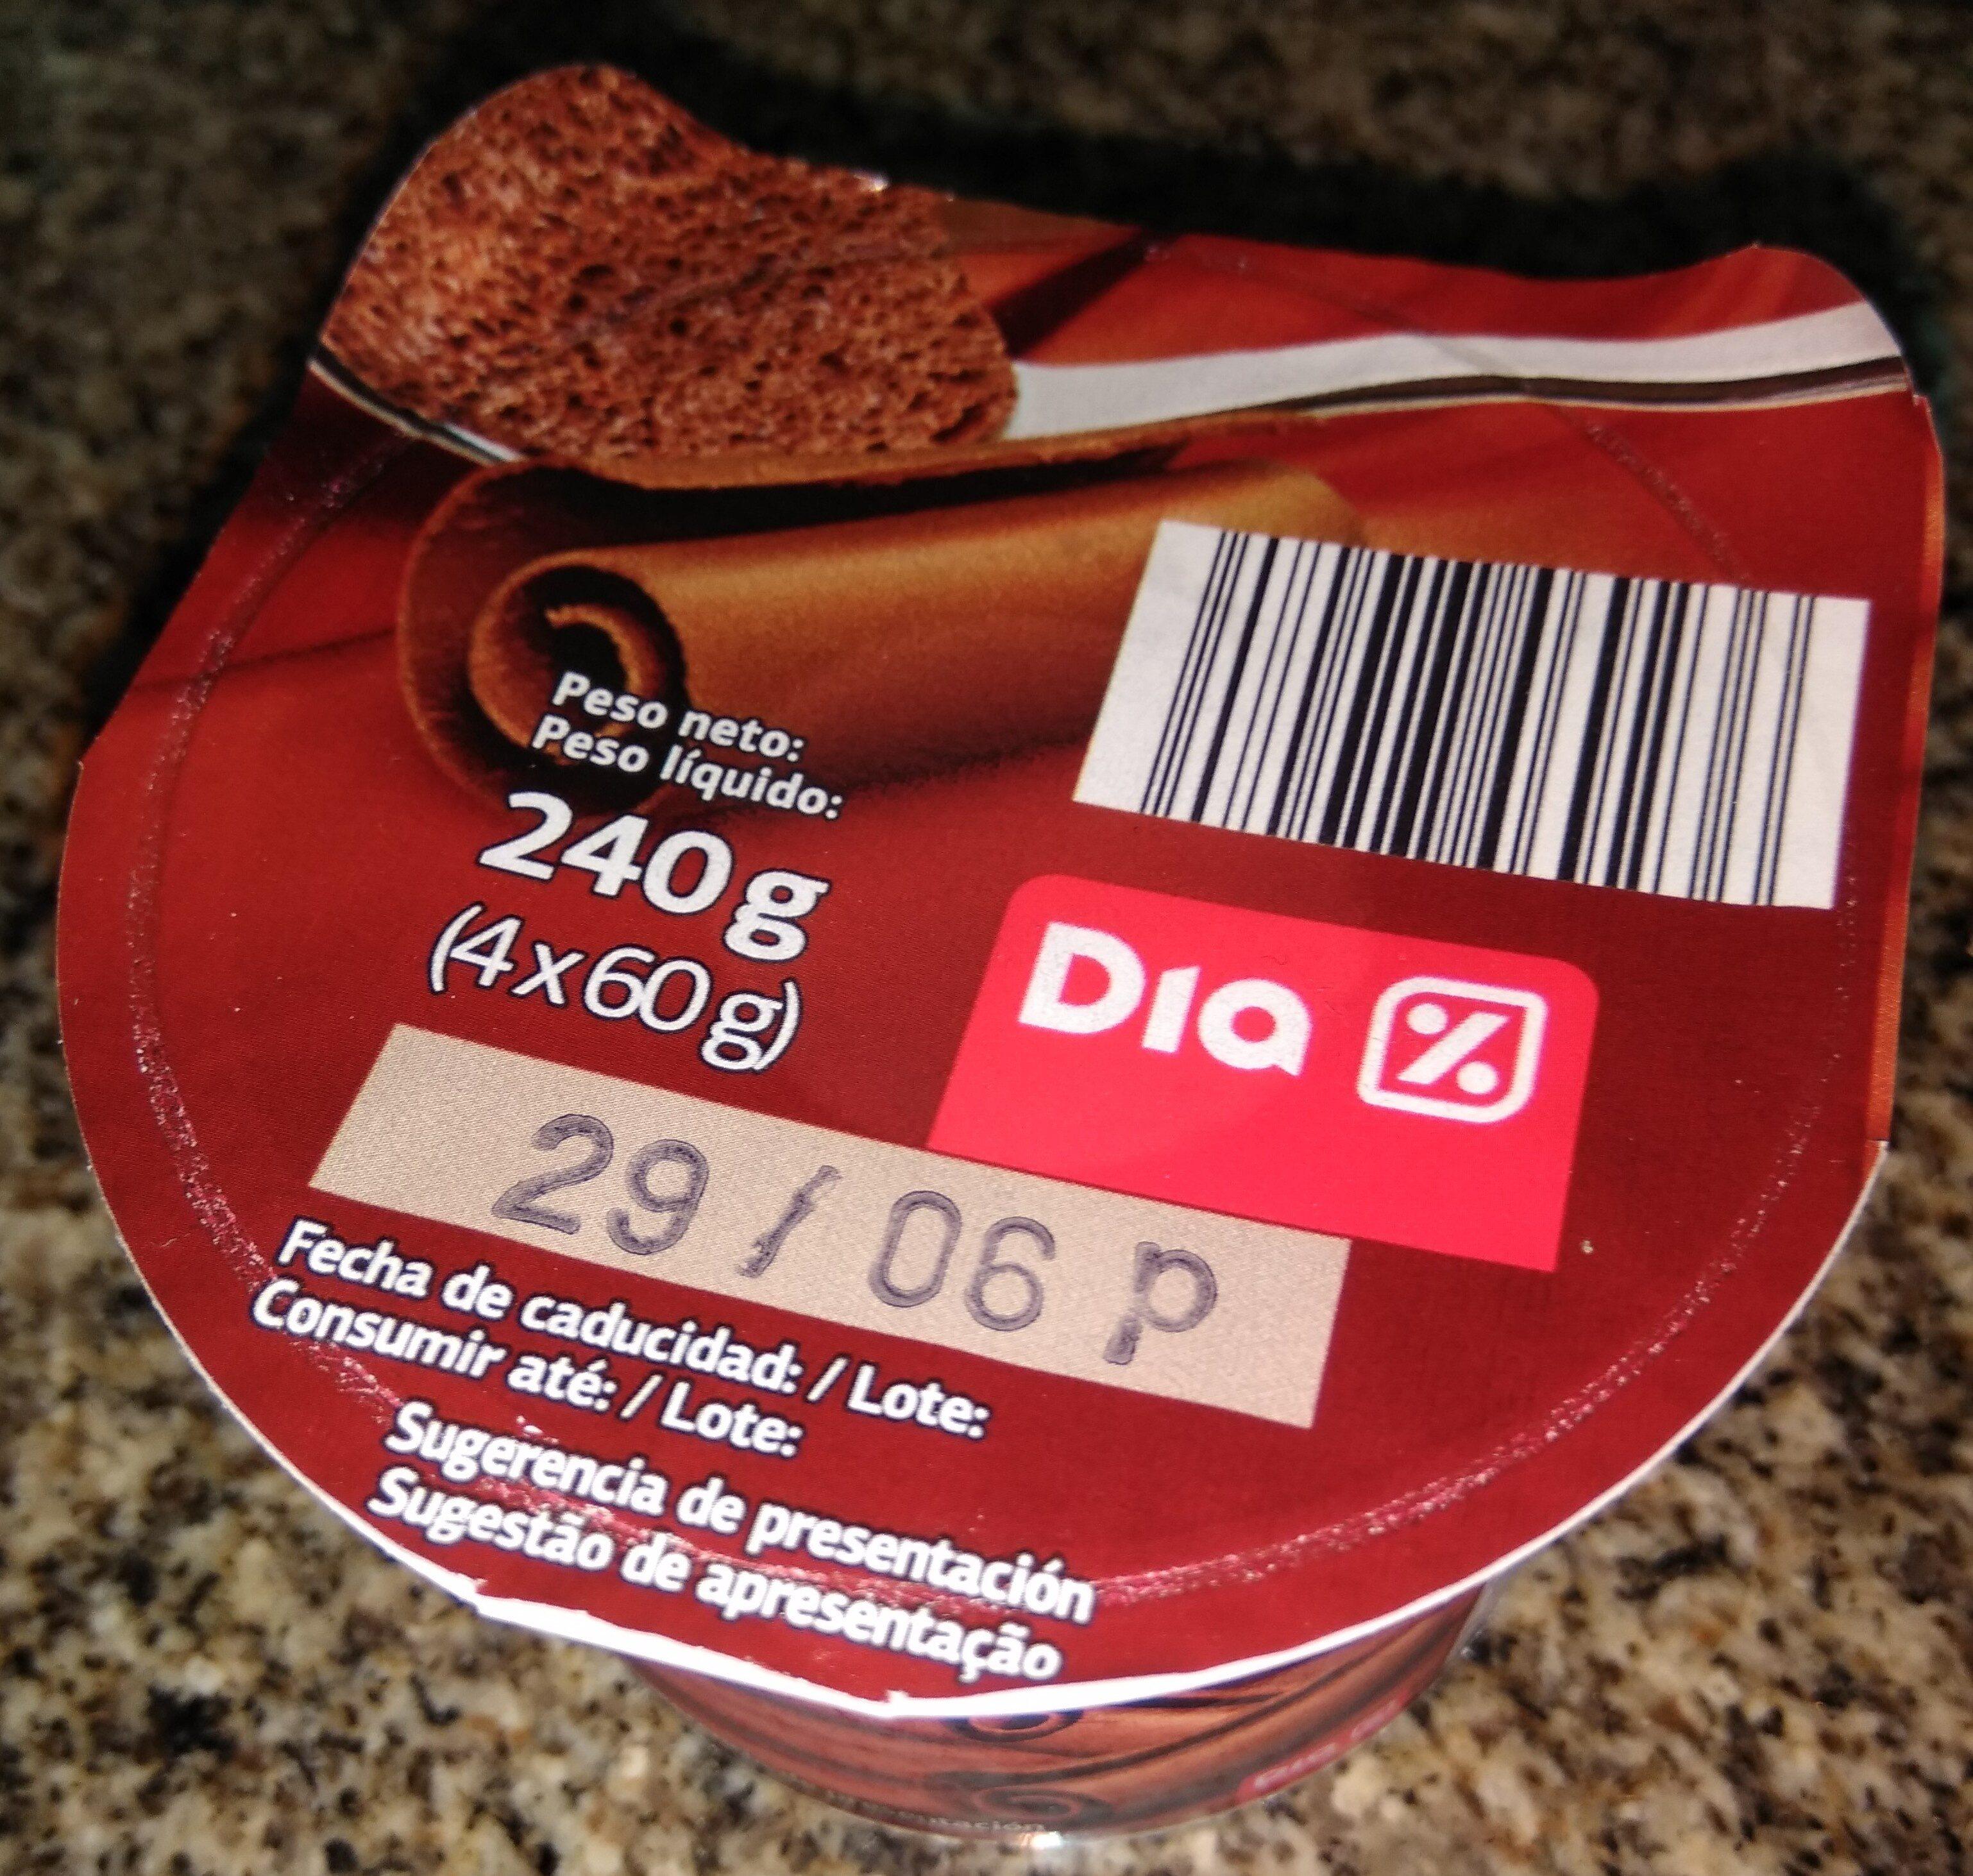 Mousse de chocolate - Producte - es